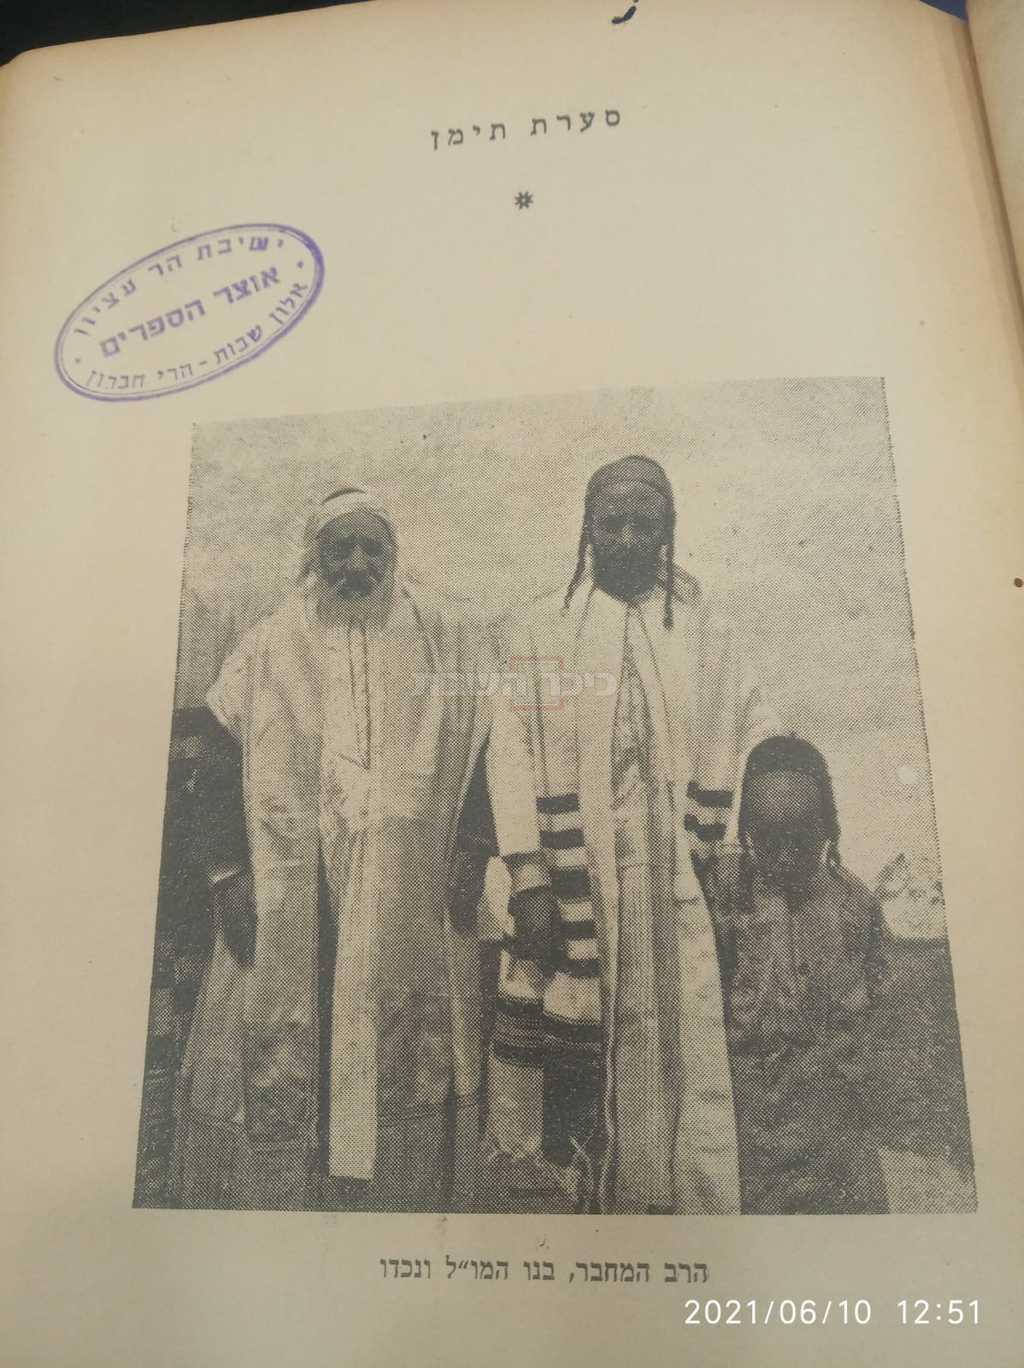 משמאל לימין: הרב עמרם קורח רבה של תימן, בנו הרב יחיא ונכדו הרב שלמה קורח רבה של בני ברק (צילום: ר' דוד ארונובסקי )